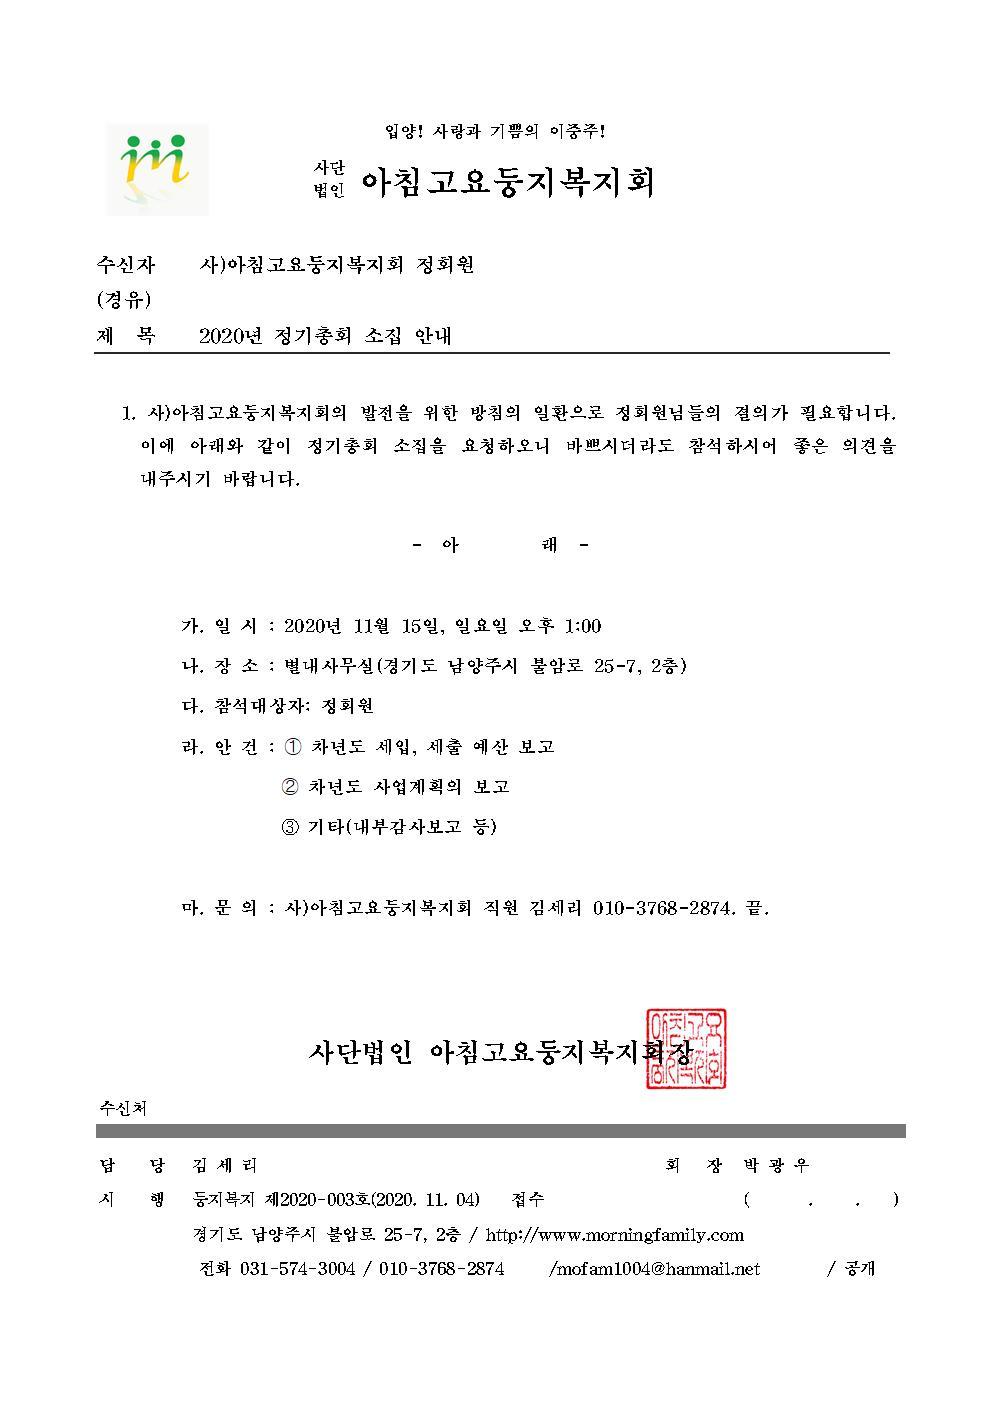 20-003.정기총회 소집안내001.jpg